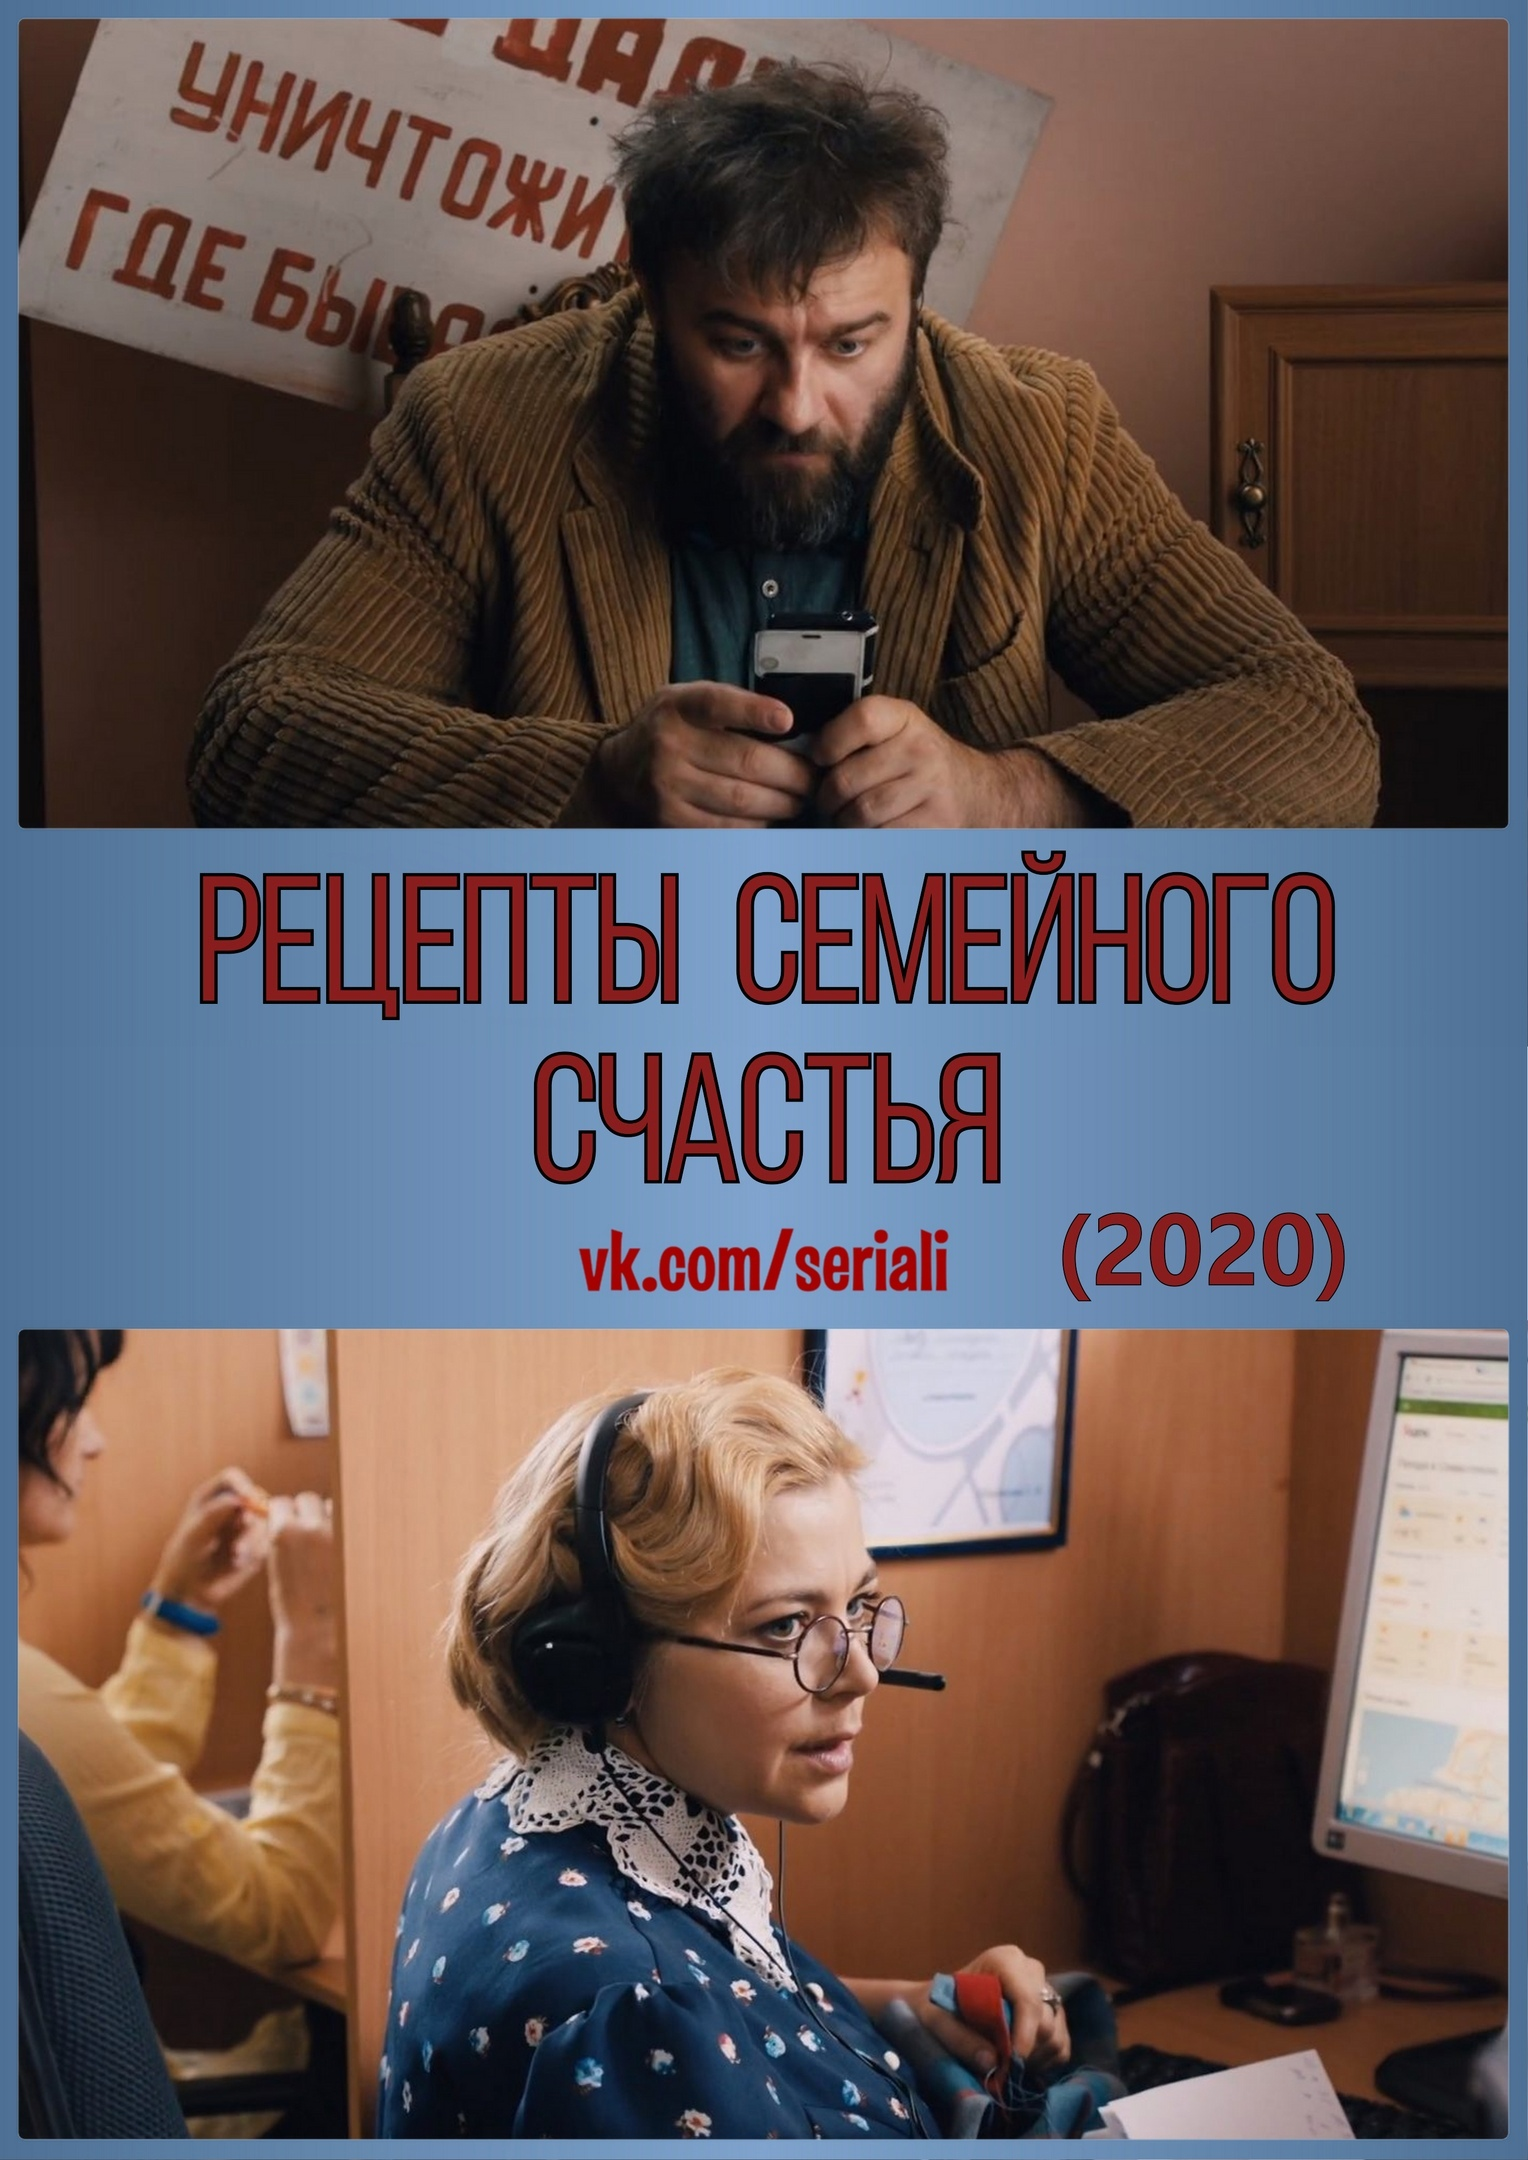 Мелодрама «Peцeпты ceмeйнoгo cчacтья» (2020) 1-4 серия из 4